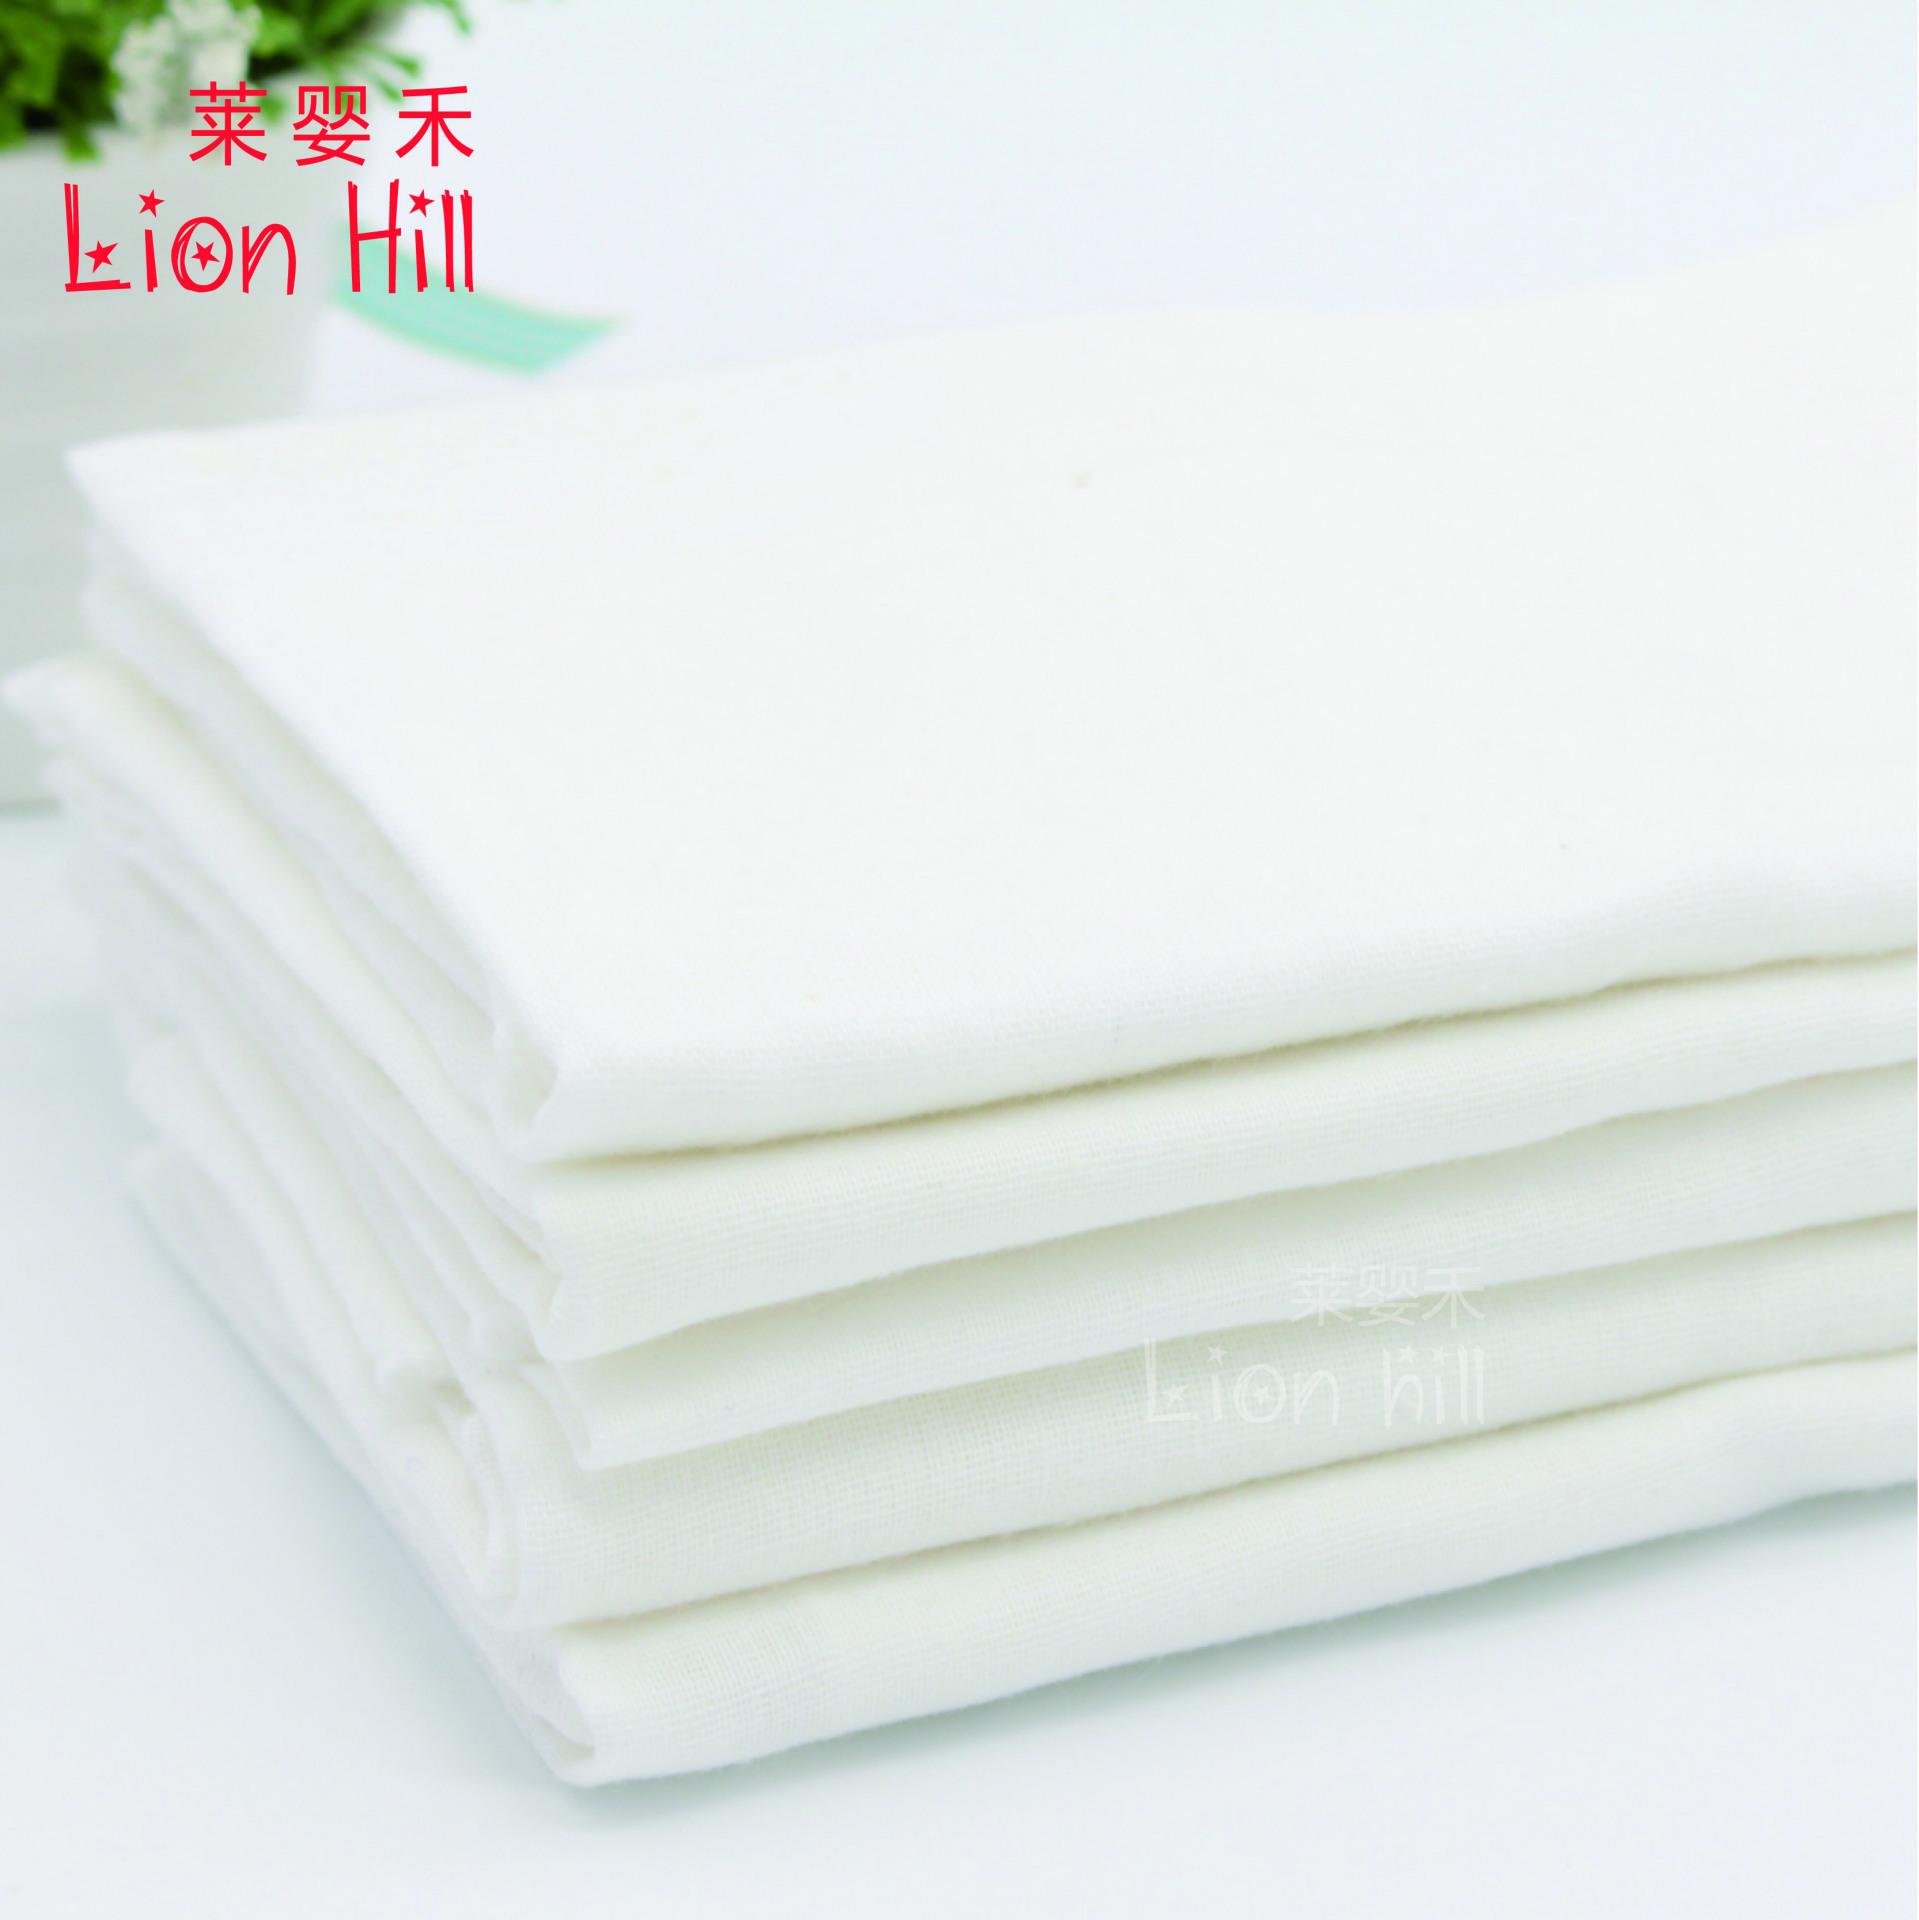 LION HILL Tả vải Tã bông gạc hai lớp 40s hai lớp siêu mềm và siêu dày cotton sơ sinh tốt hơn sợi tre